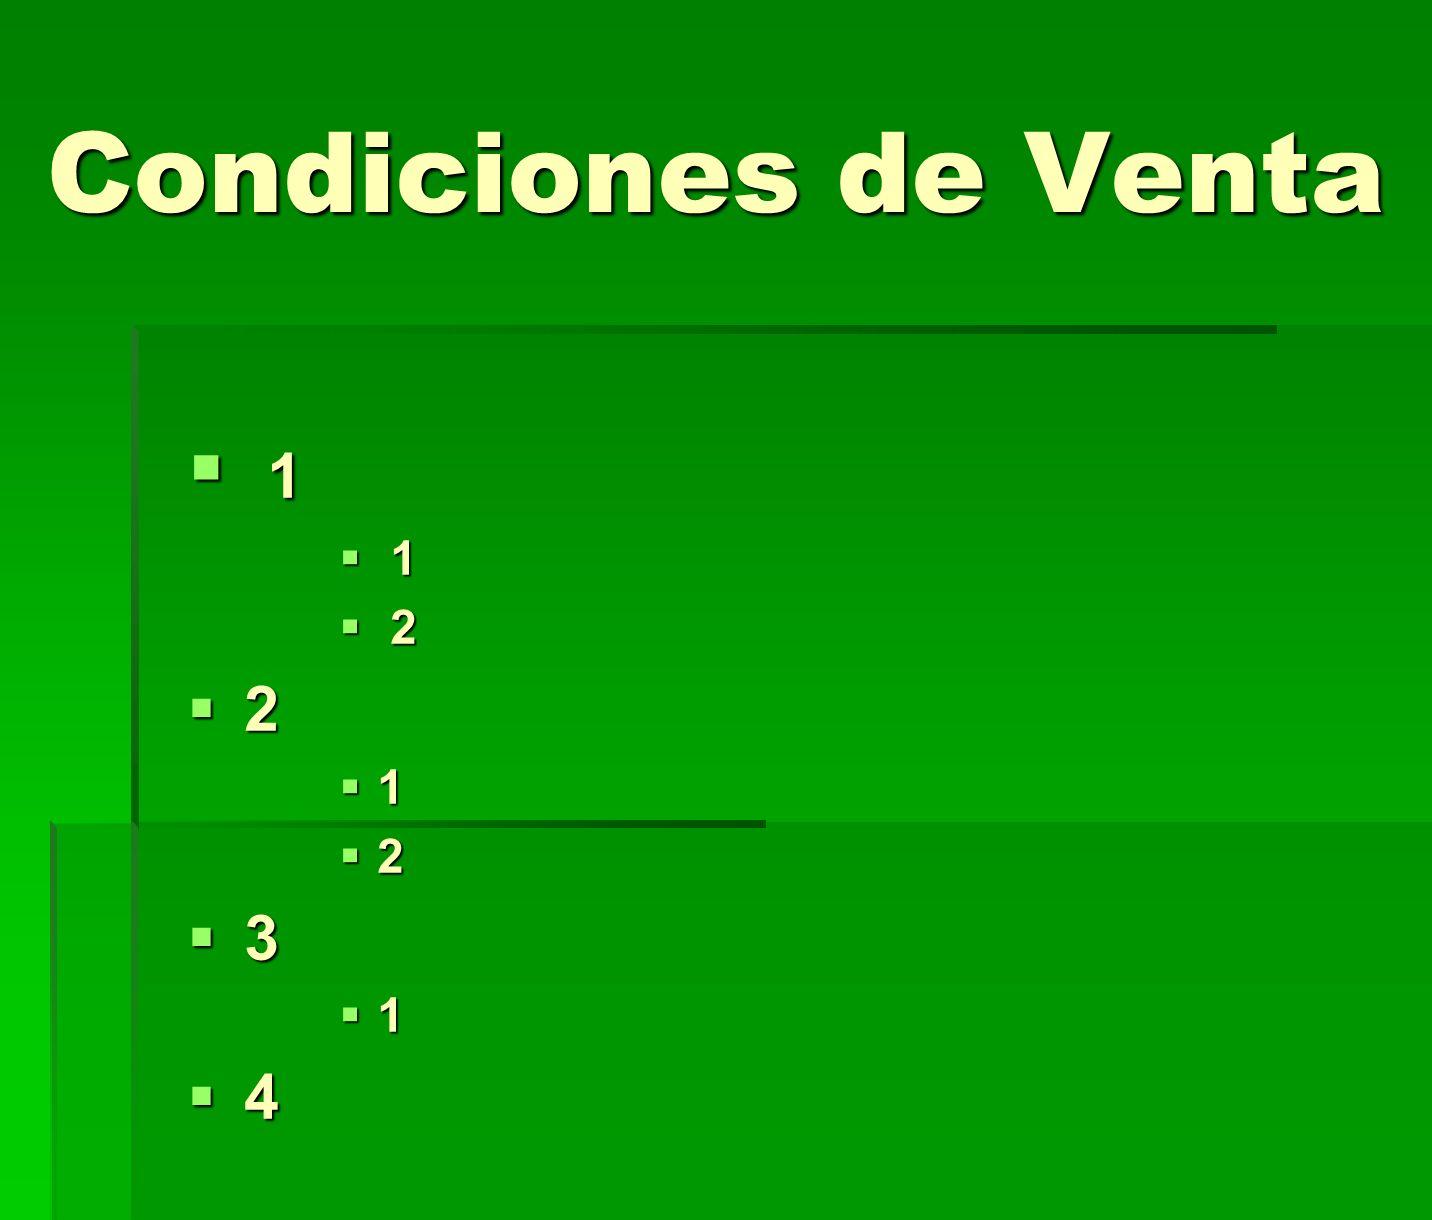 Condiciones de Venta 1 1 2 2 2 1 2 3 1 4